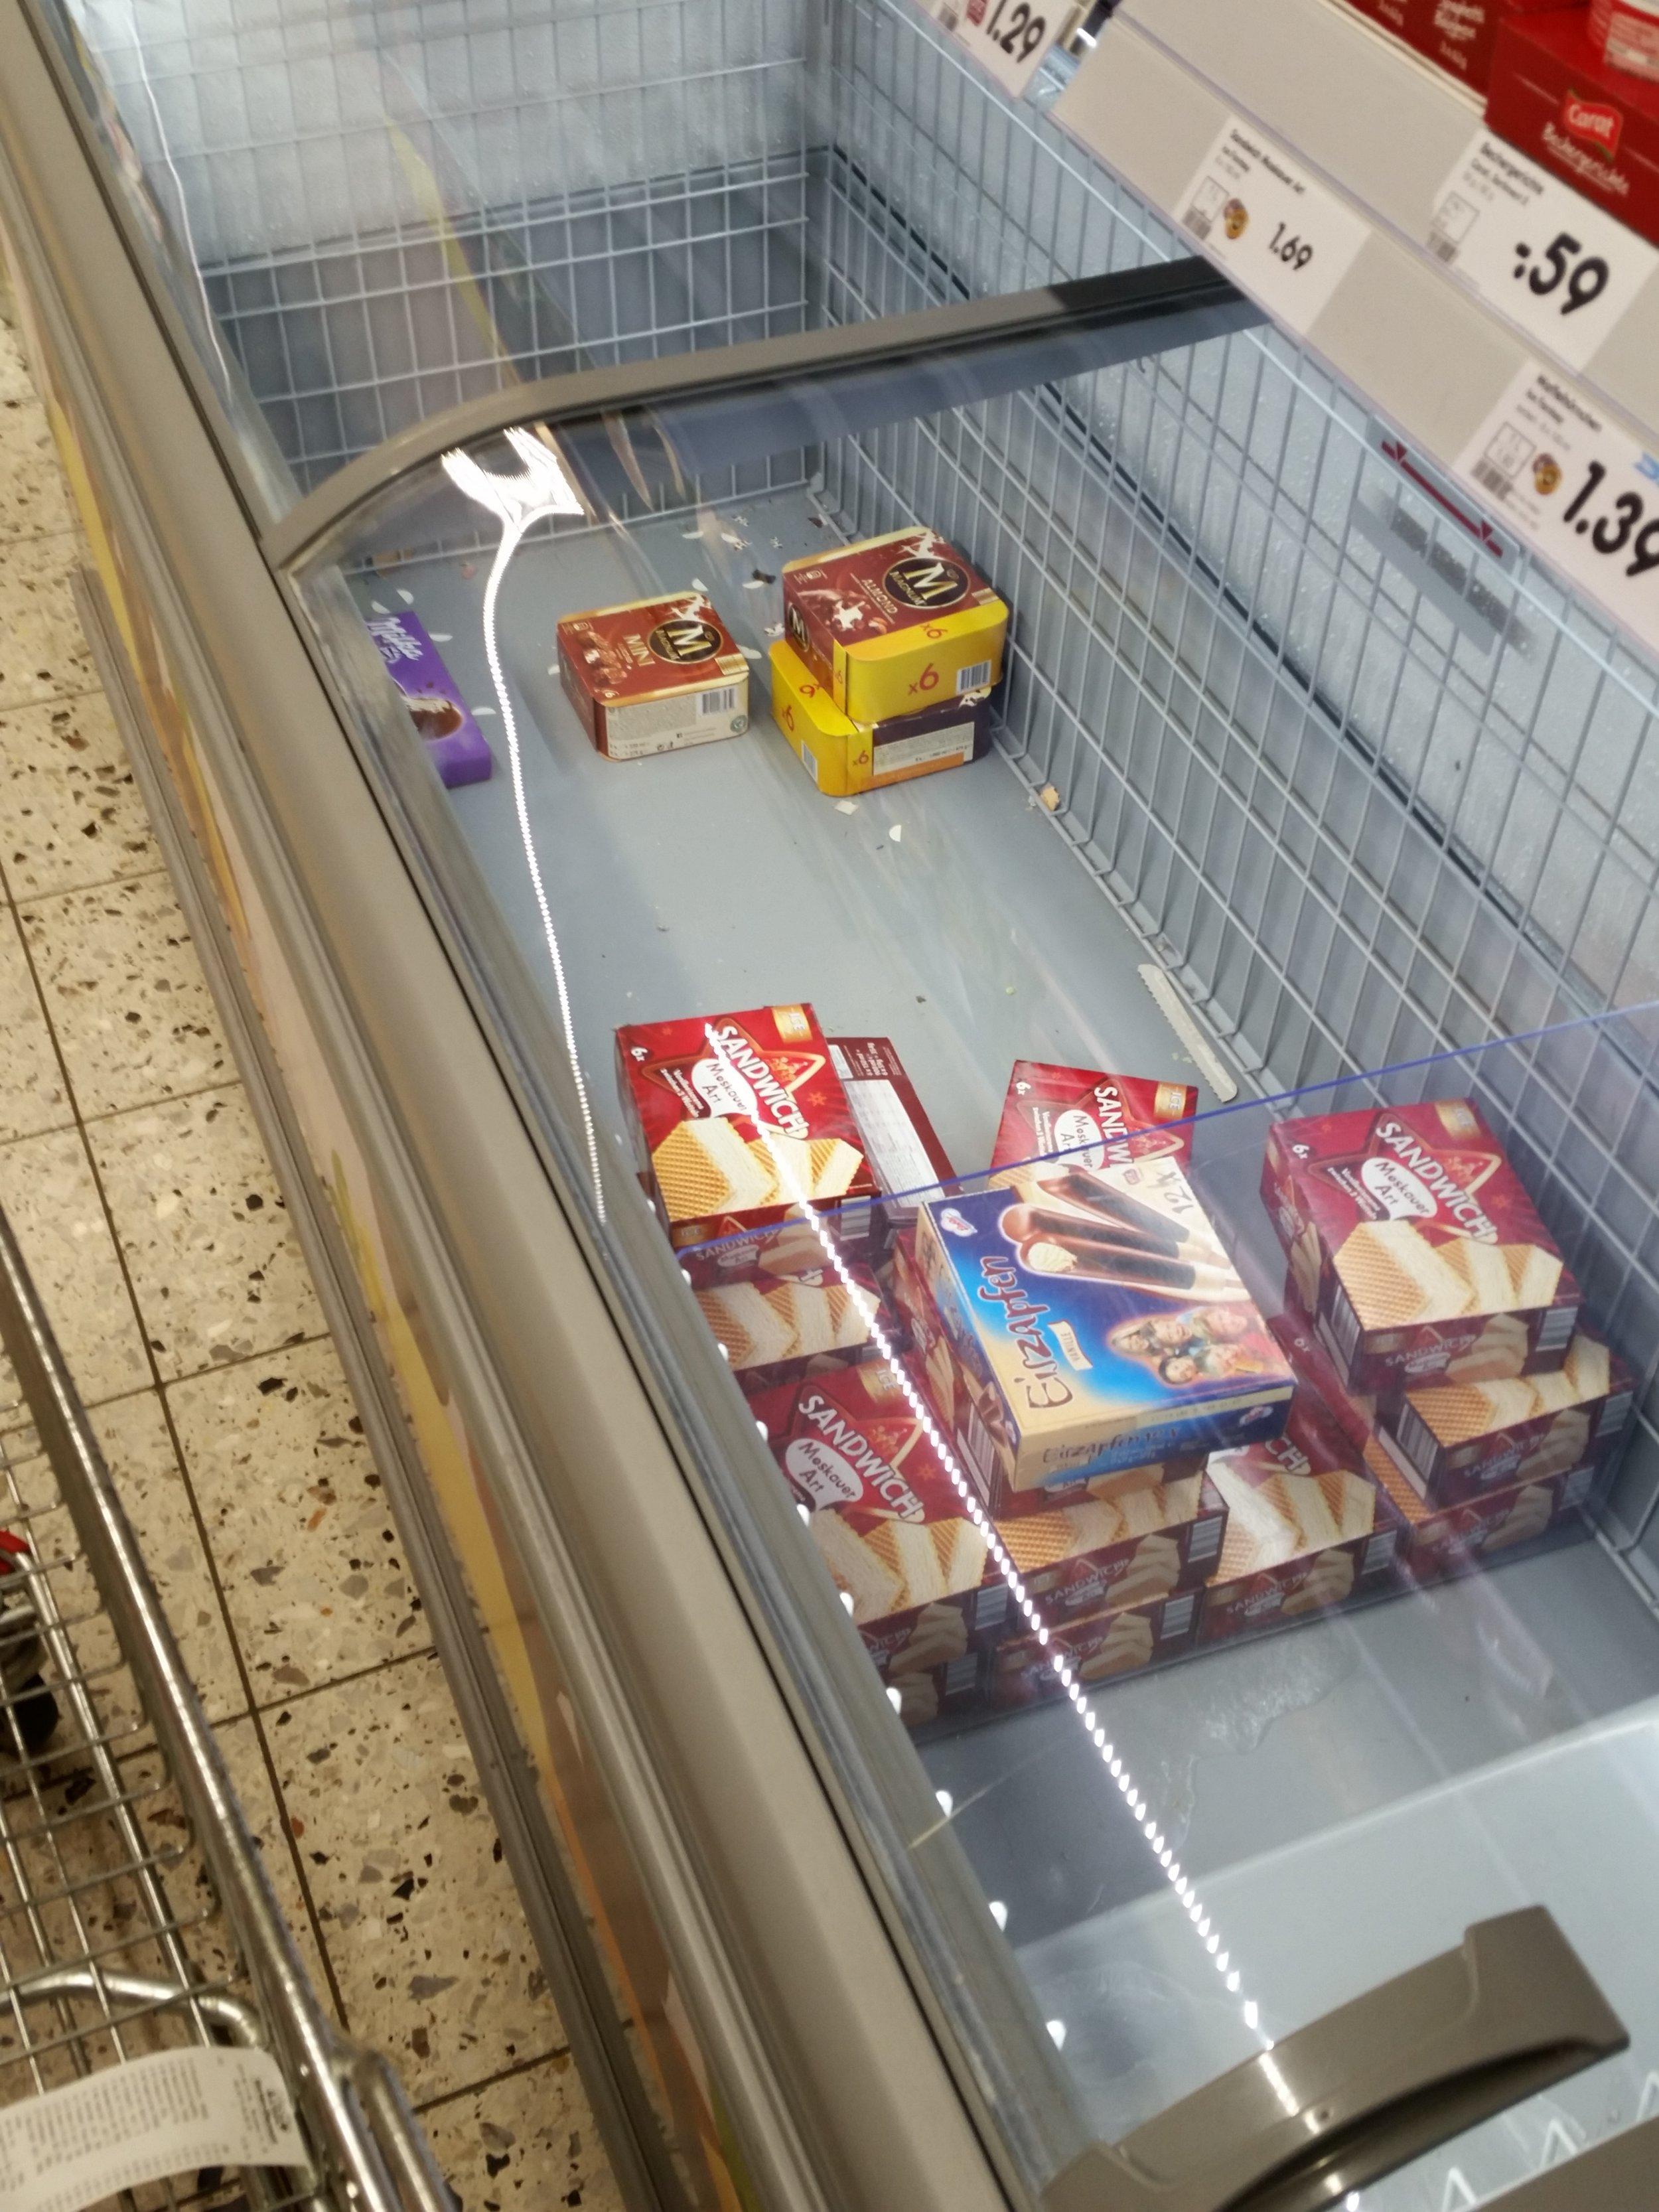 Fast leergekauftes Eisregal im Netto - allerdings schon im Juni. Quelle: Sash